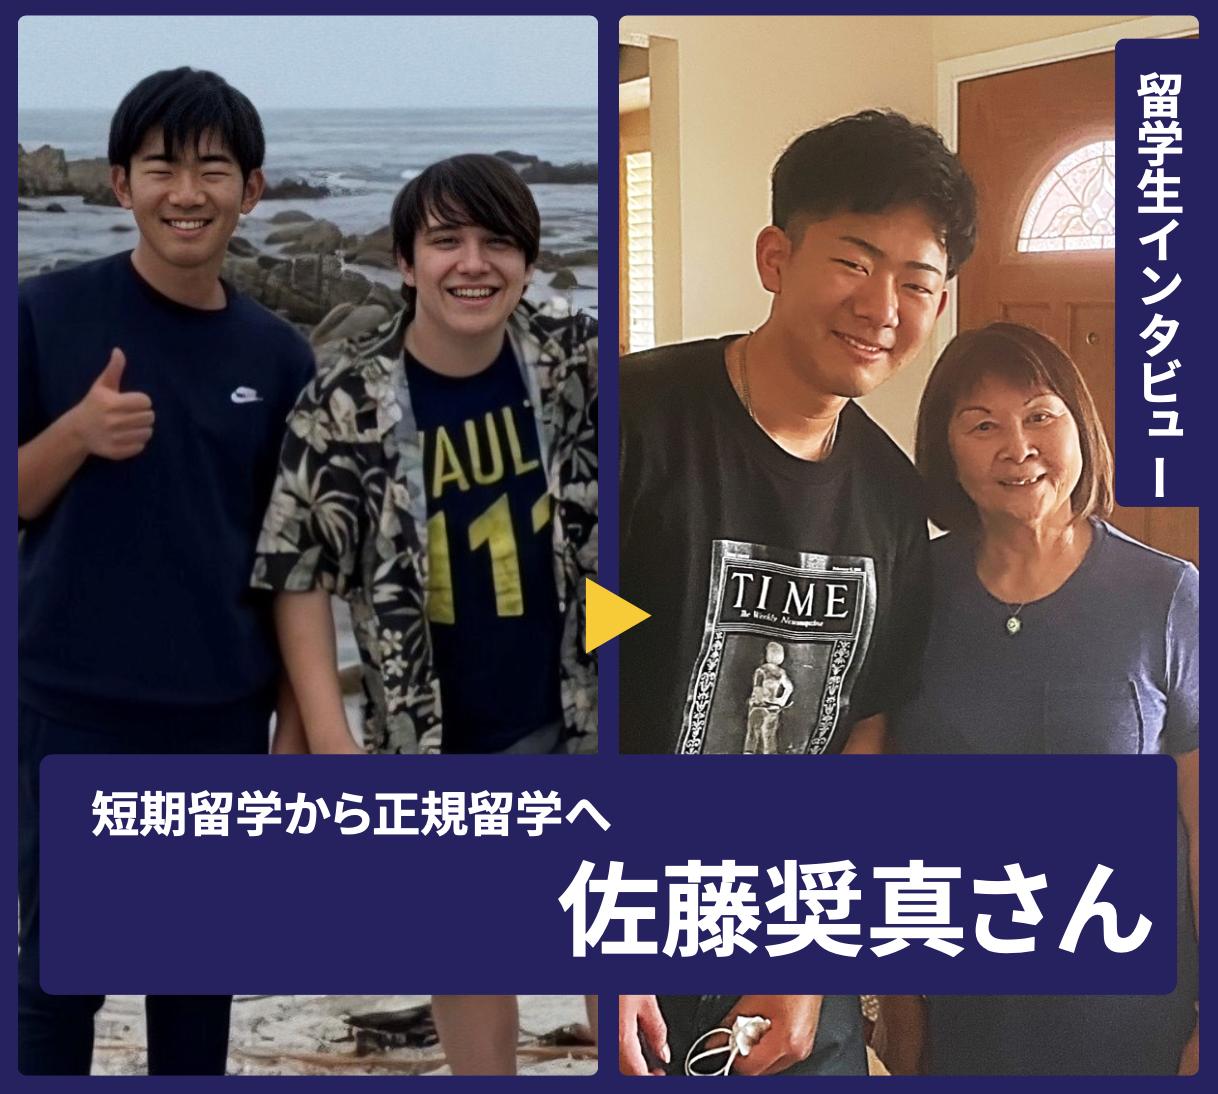 【学生インタビュー】短期留学から正規留学へ 佐藤奨真さん